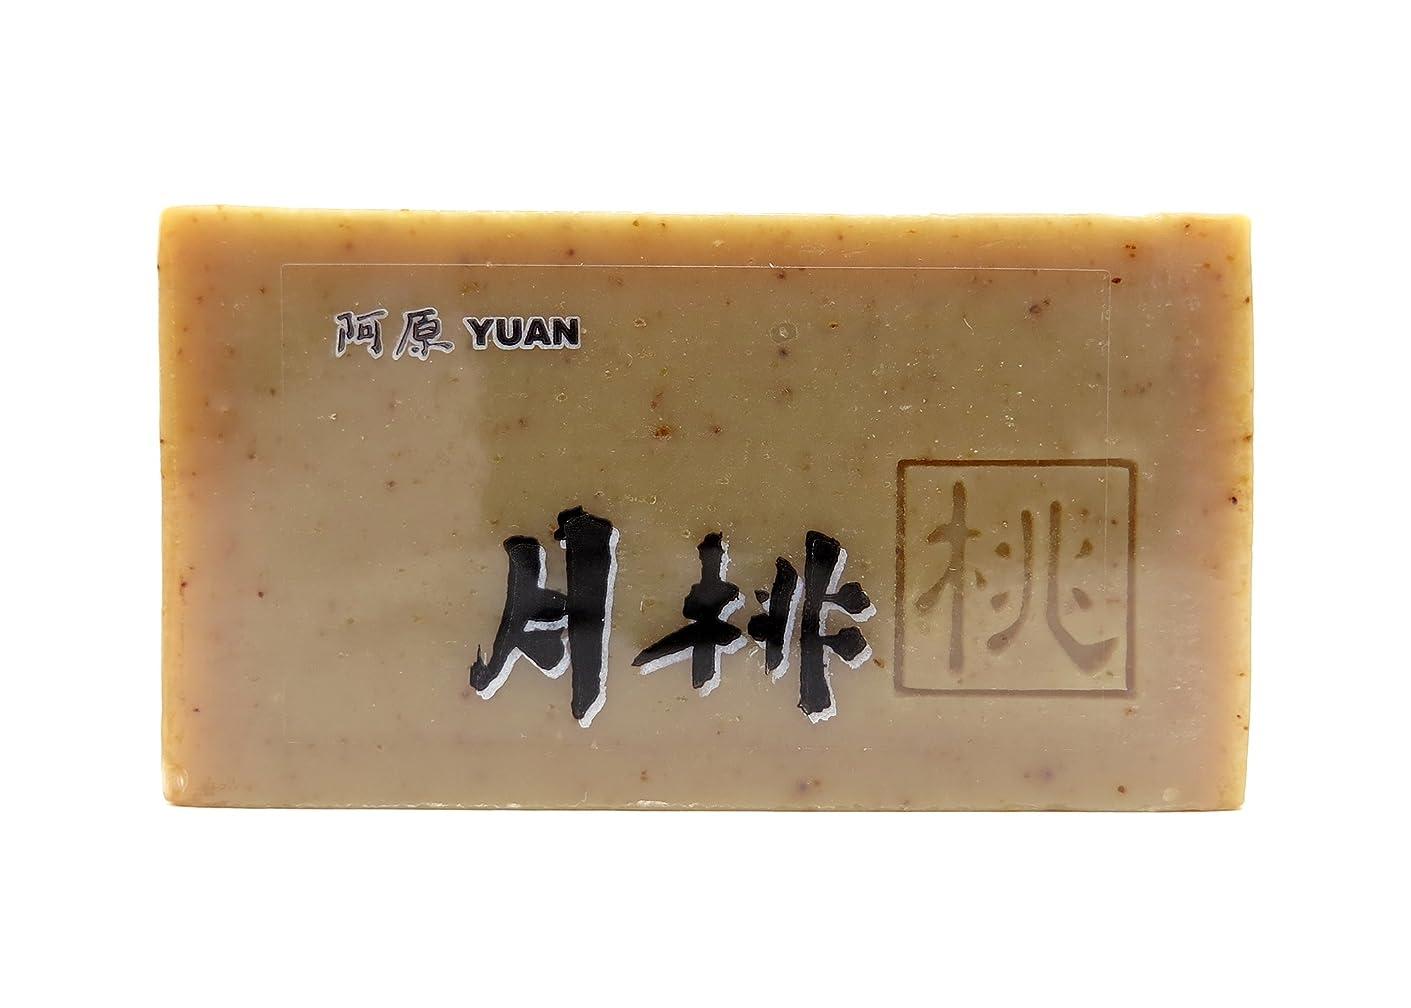 潮思い出す過半数ユアン(YUAN) 月桃(ゲットウ)ソープ 固形 100g (阿原 ユアンソープ)